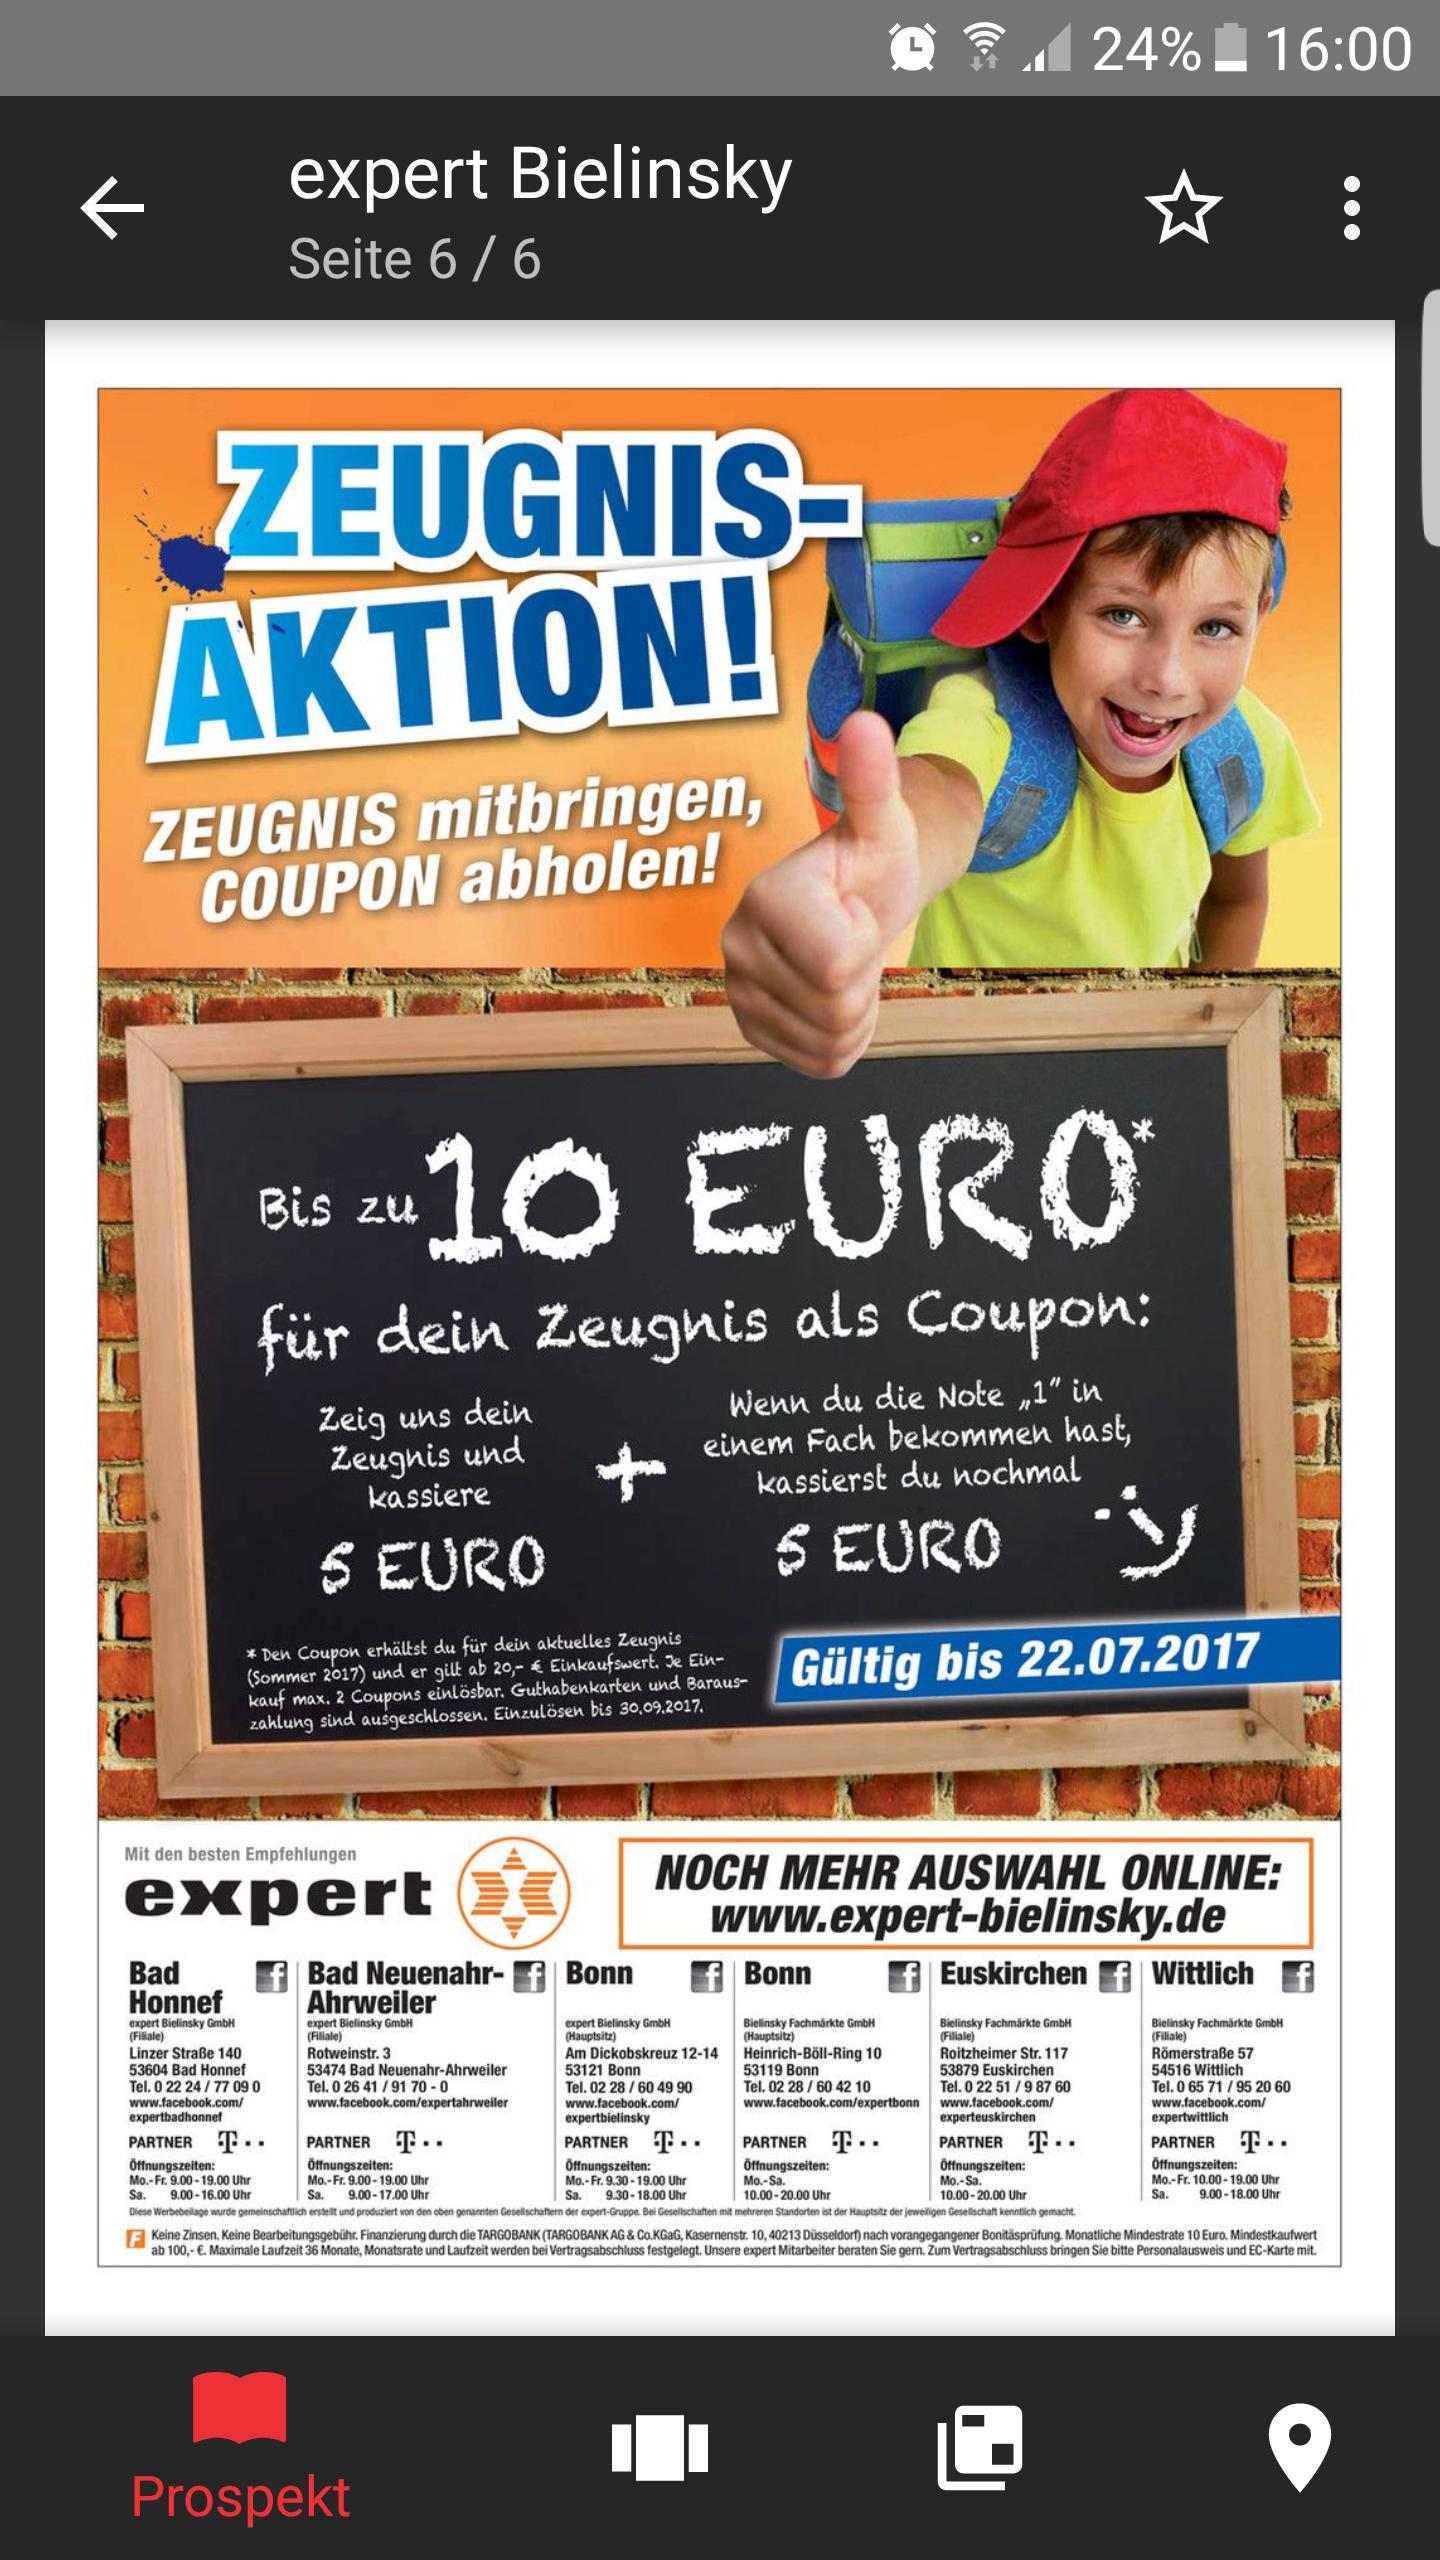 [Expert Lokal] 10 Euro Coupon bei einer 1 auf dem Zeugnis